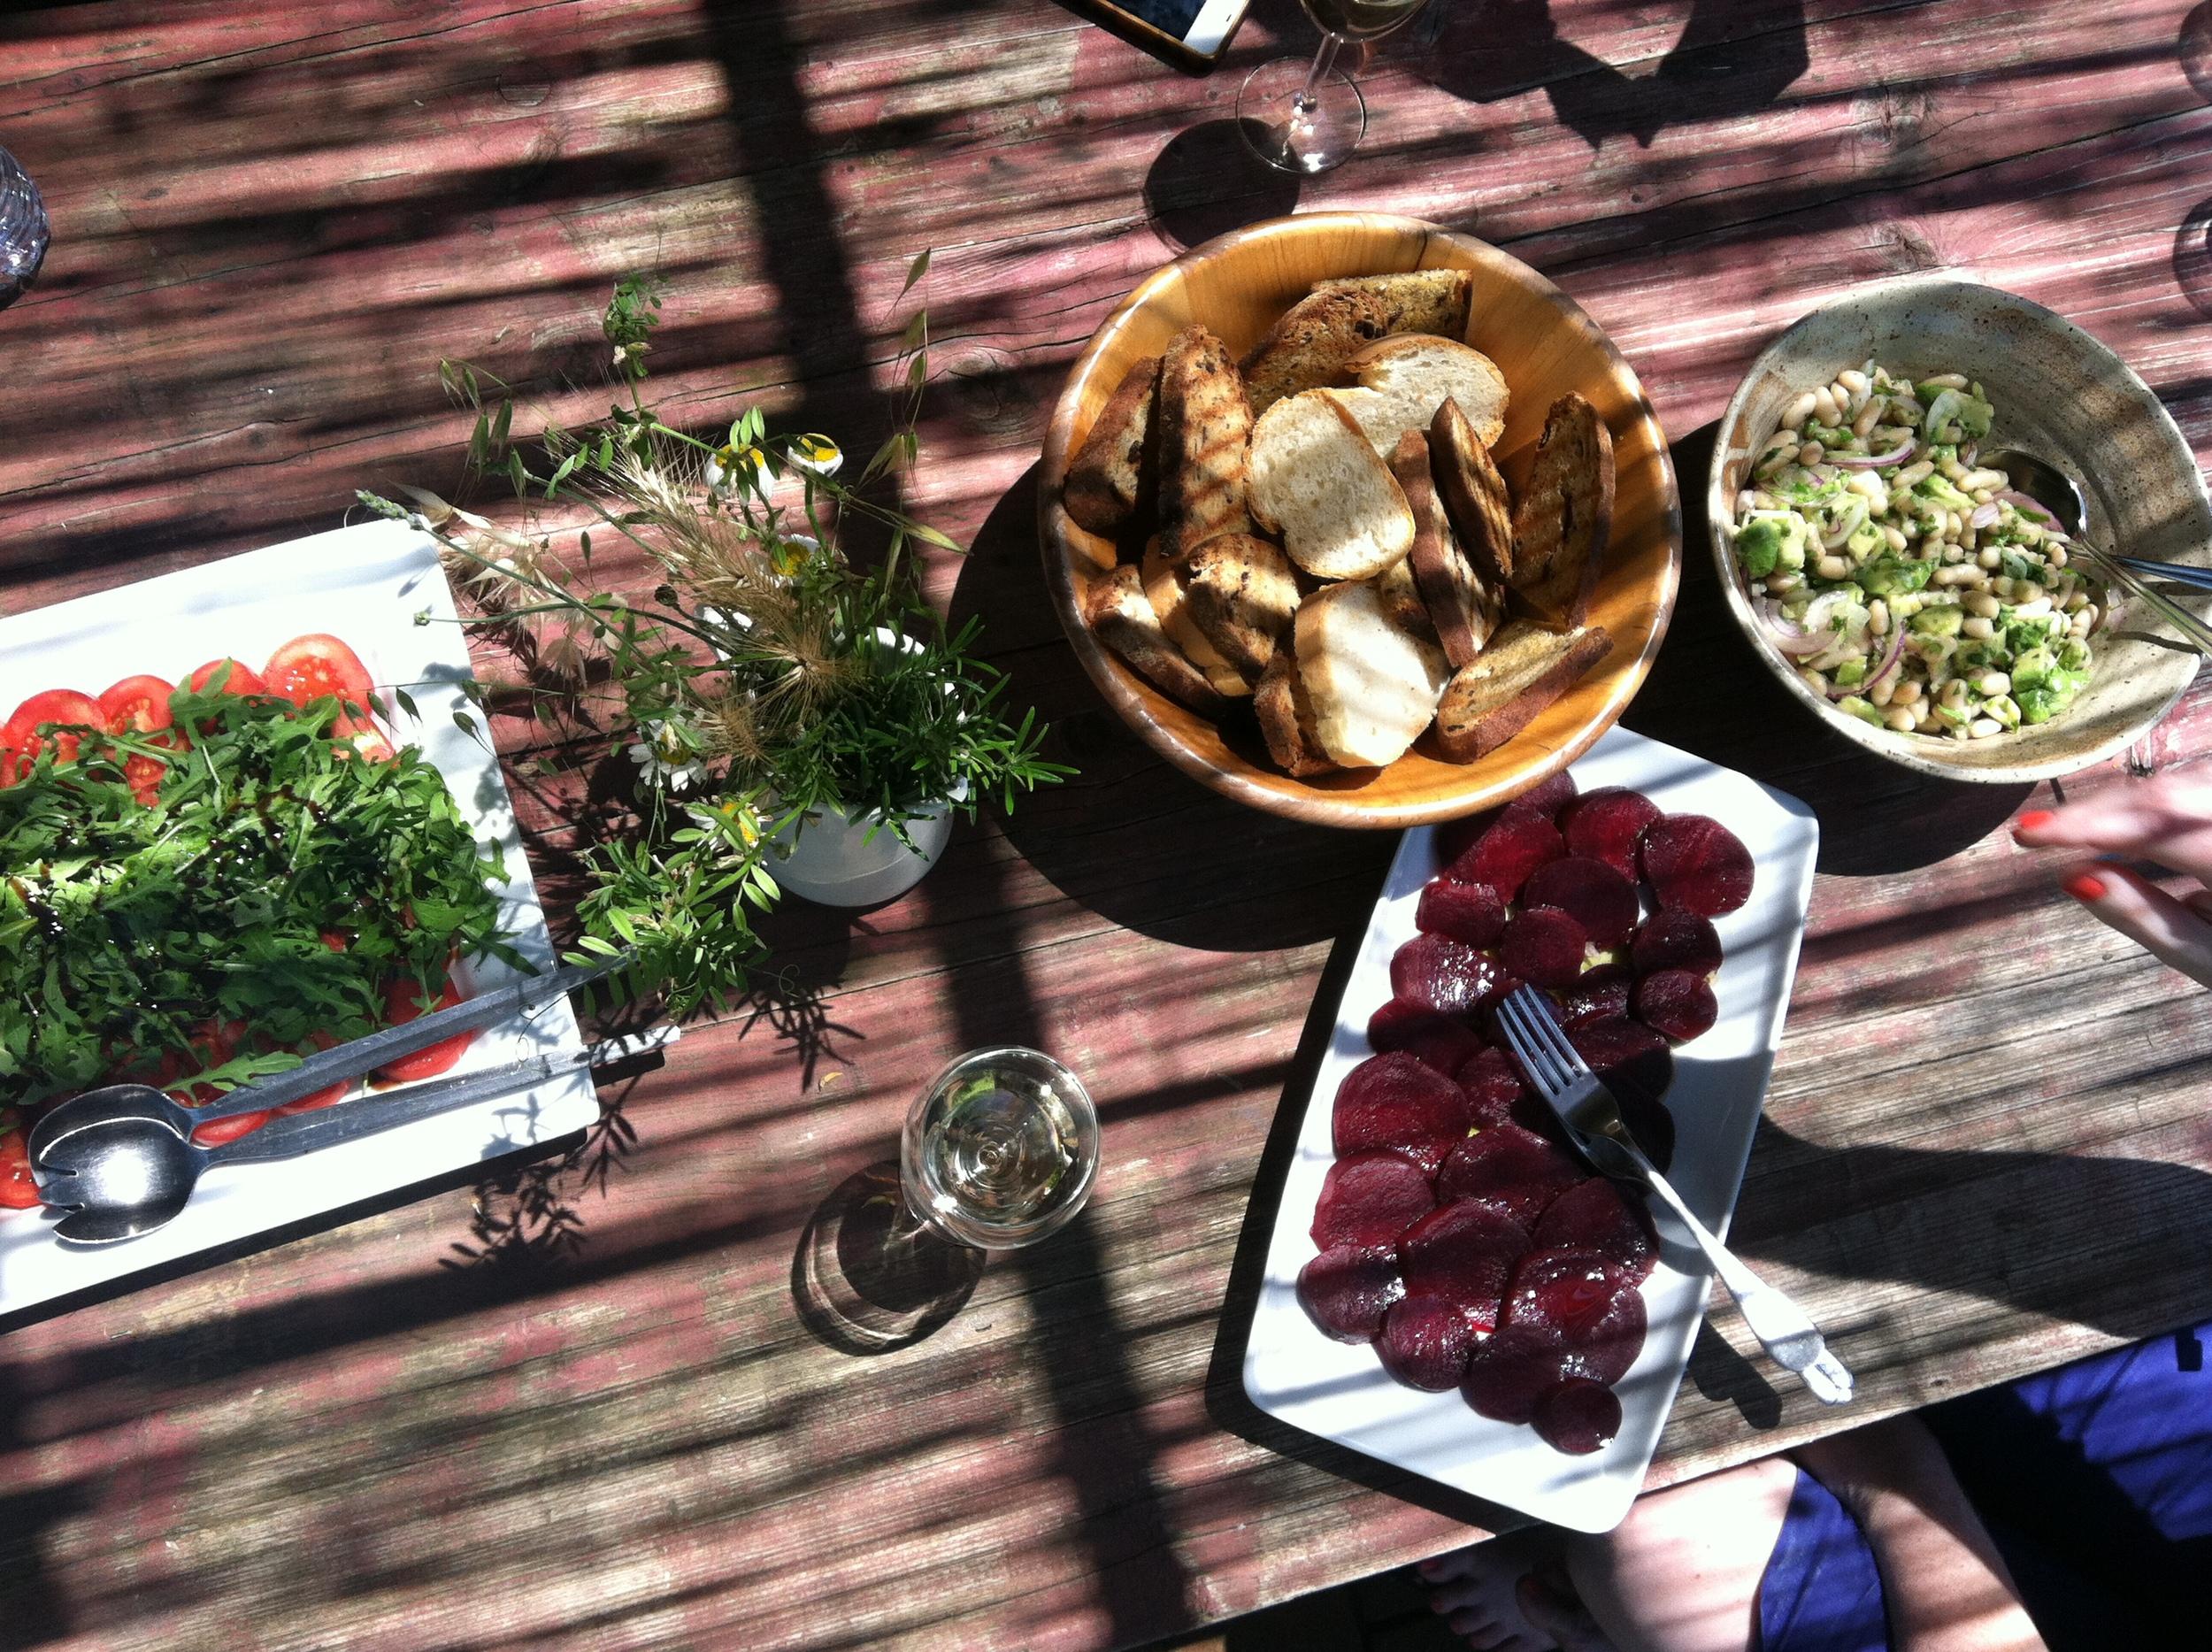 Lunch on the terrace EAT.PRAY.MOVE Yoga Retreats | Tuscany, Italy